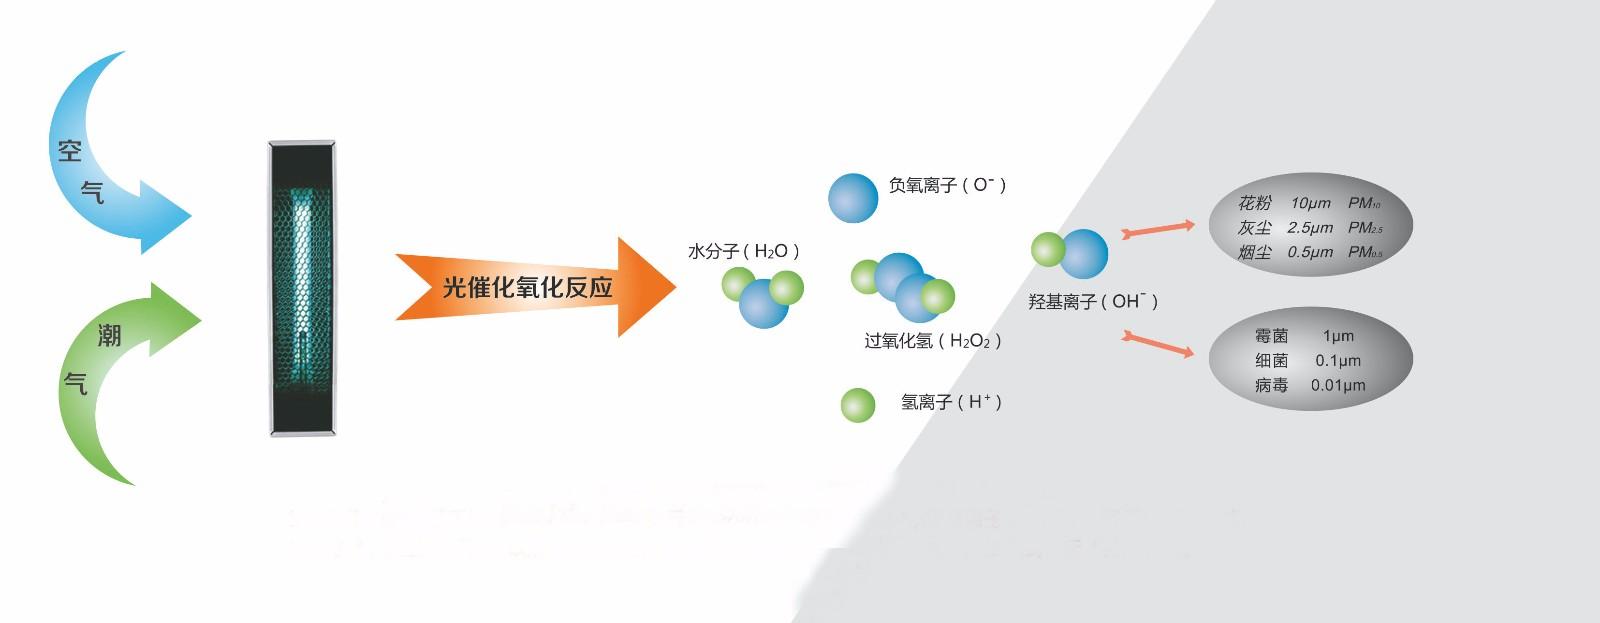 HEC技術:高能離子團技術|HEC技術:高能離子團技術-山西三洋制冷服務有限公司